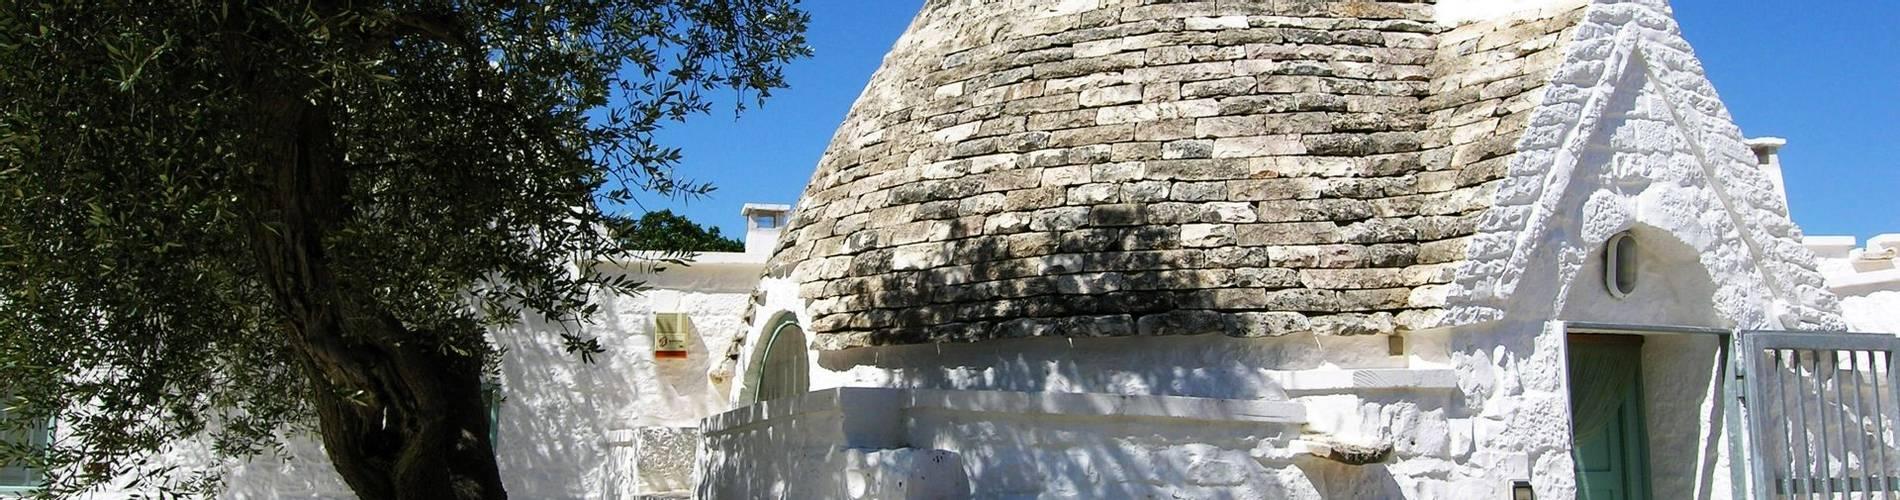 Trullo Noce, Puglia, Italy (6).jpg